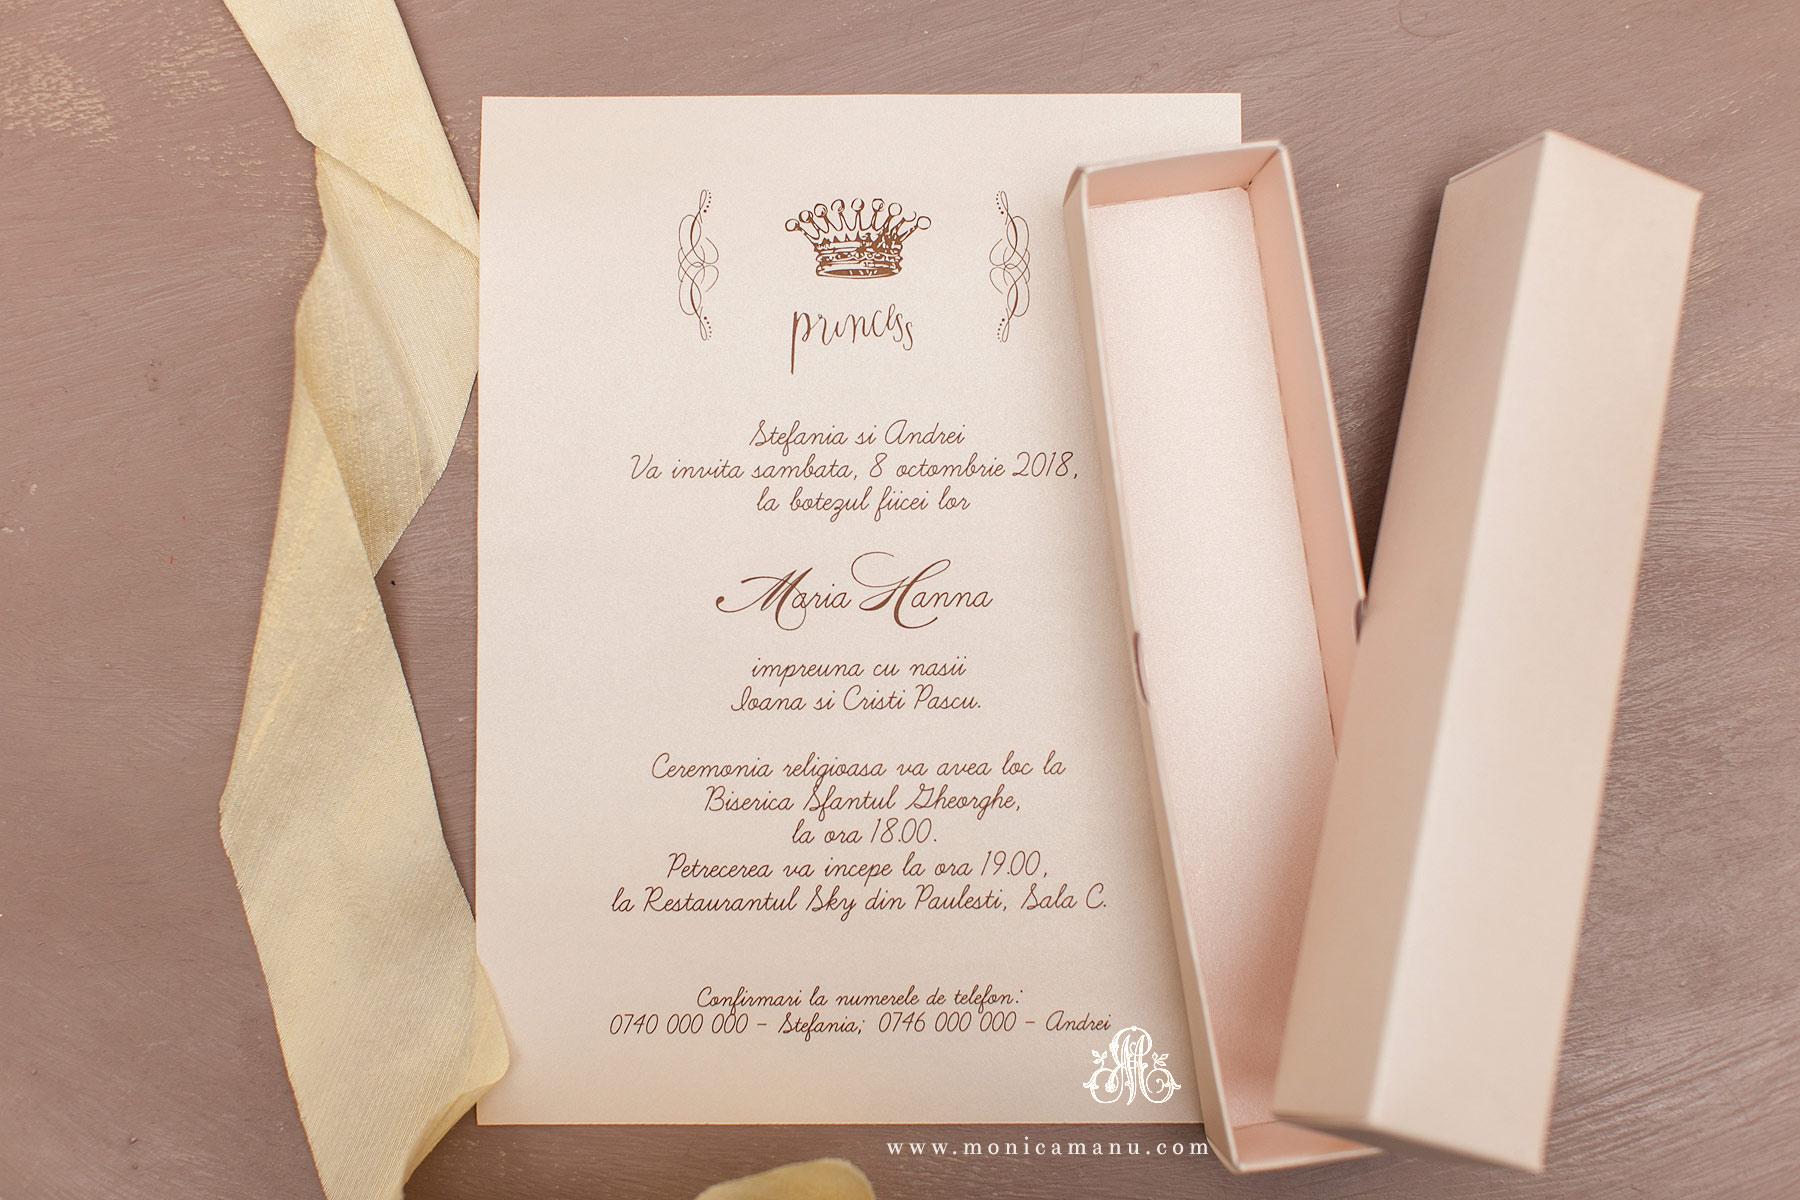 Invitatie Botez Princess In Cutie Roz Pal Monica Manu